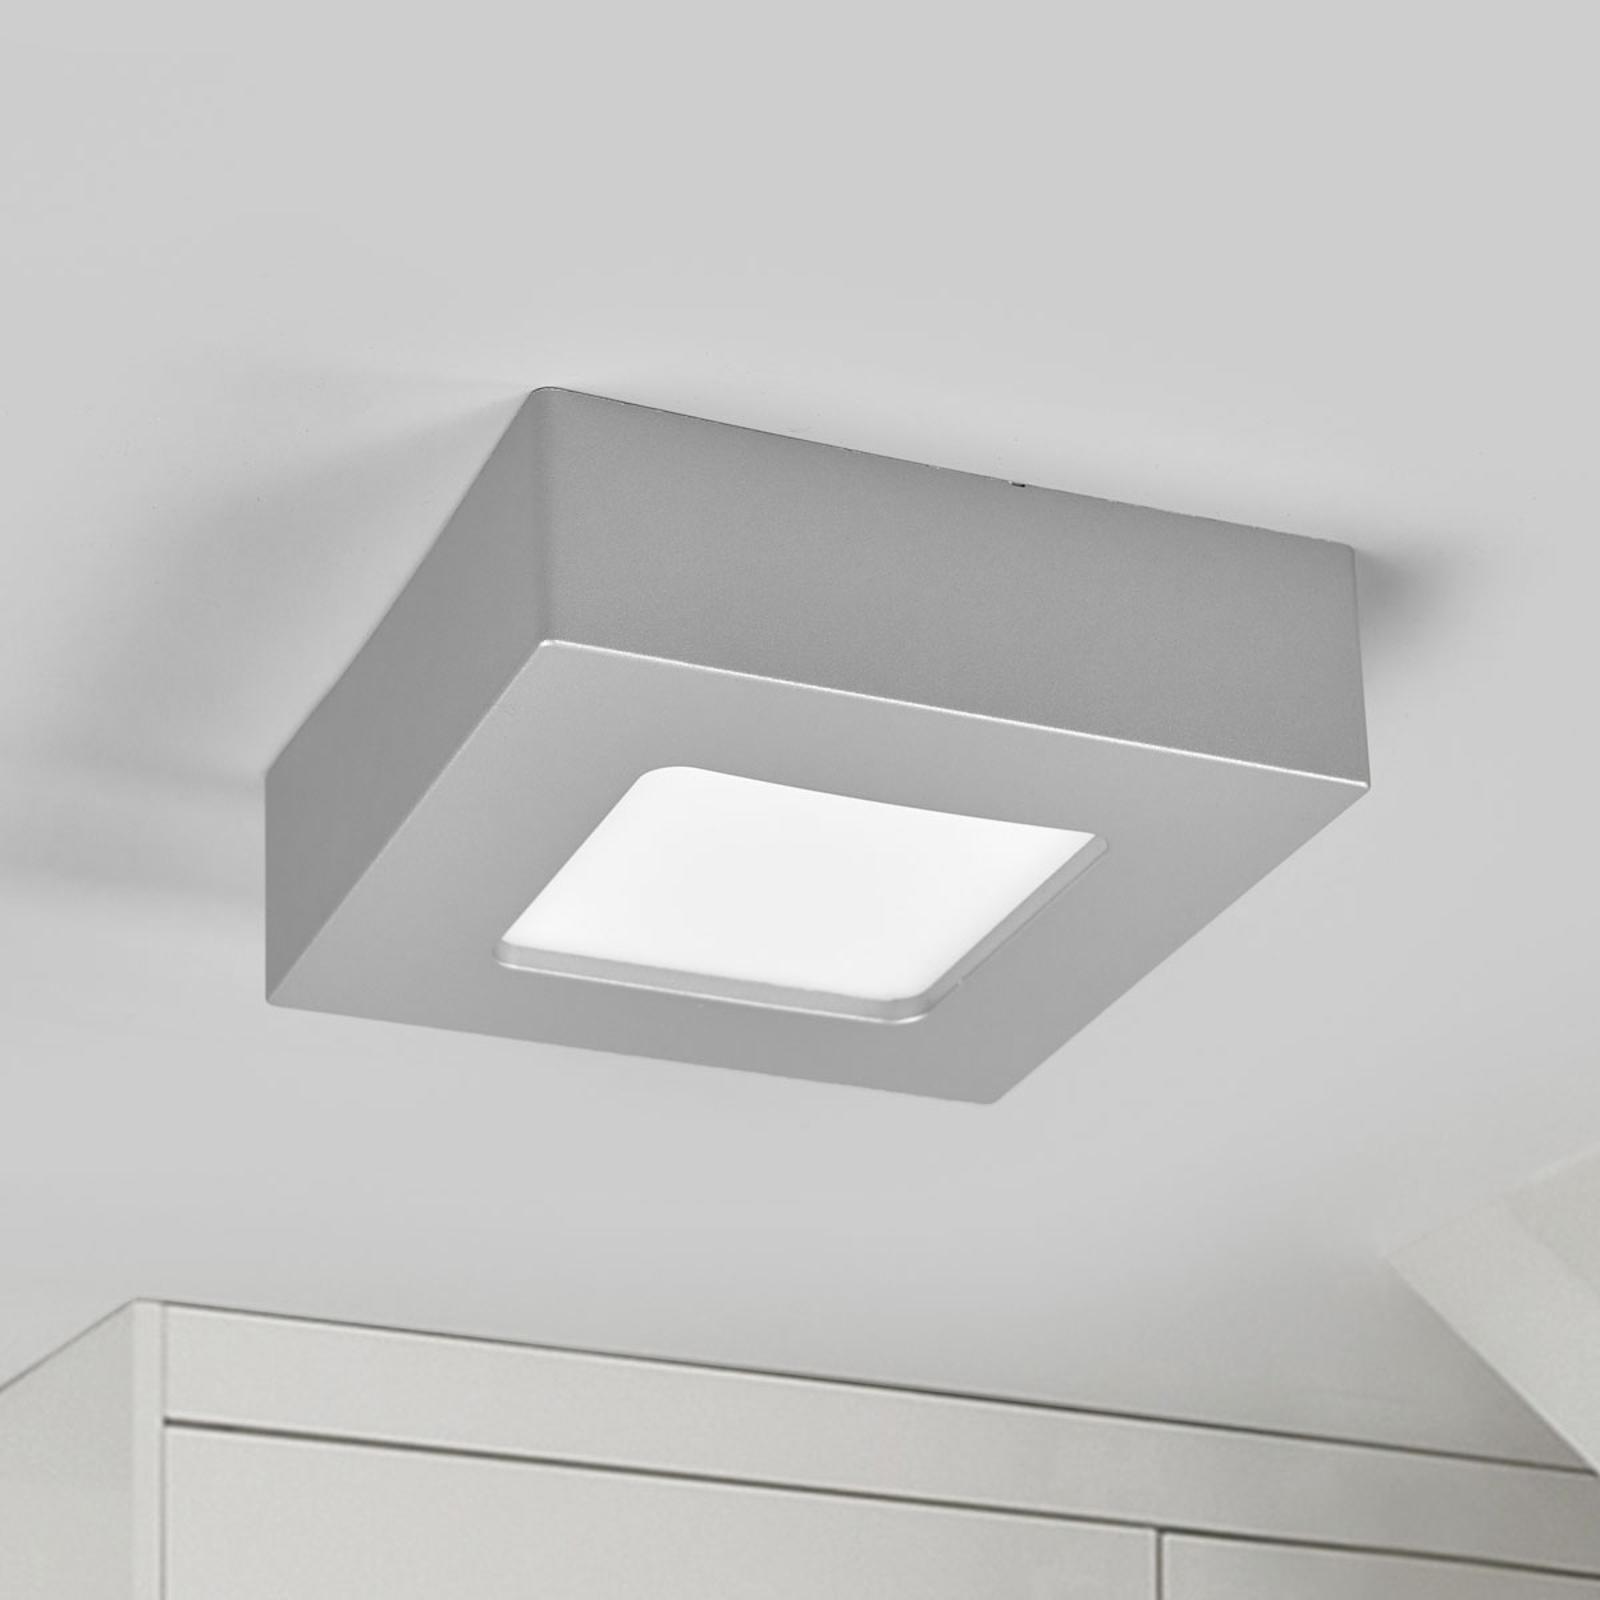 Plafonnier LED Marlo argenté 3000K angulaire 12 cm